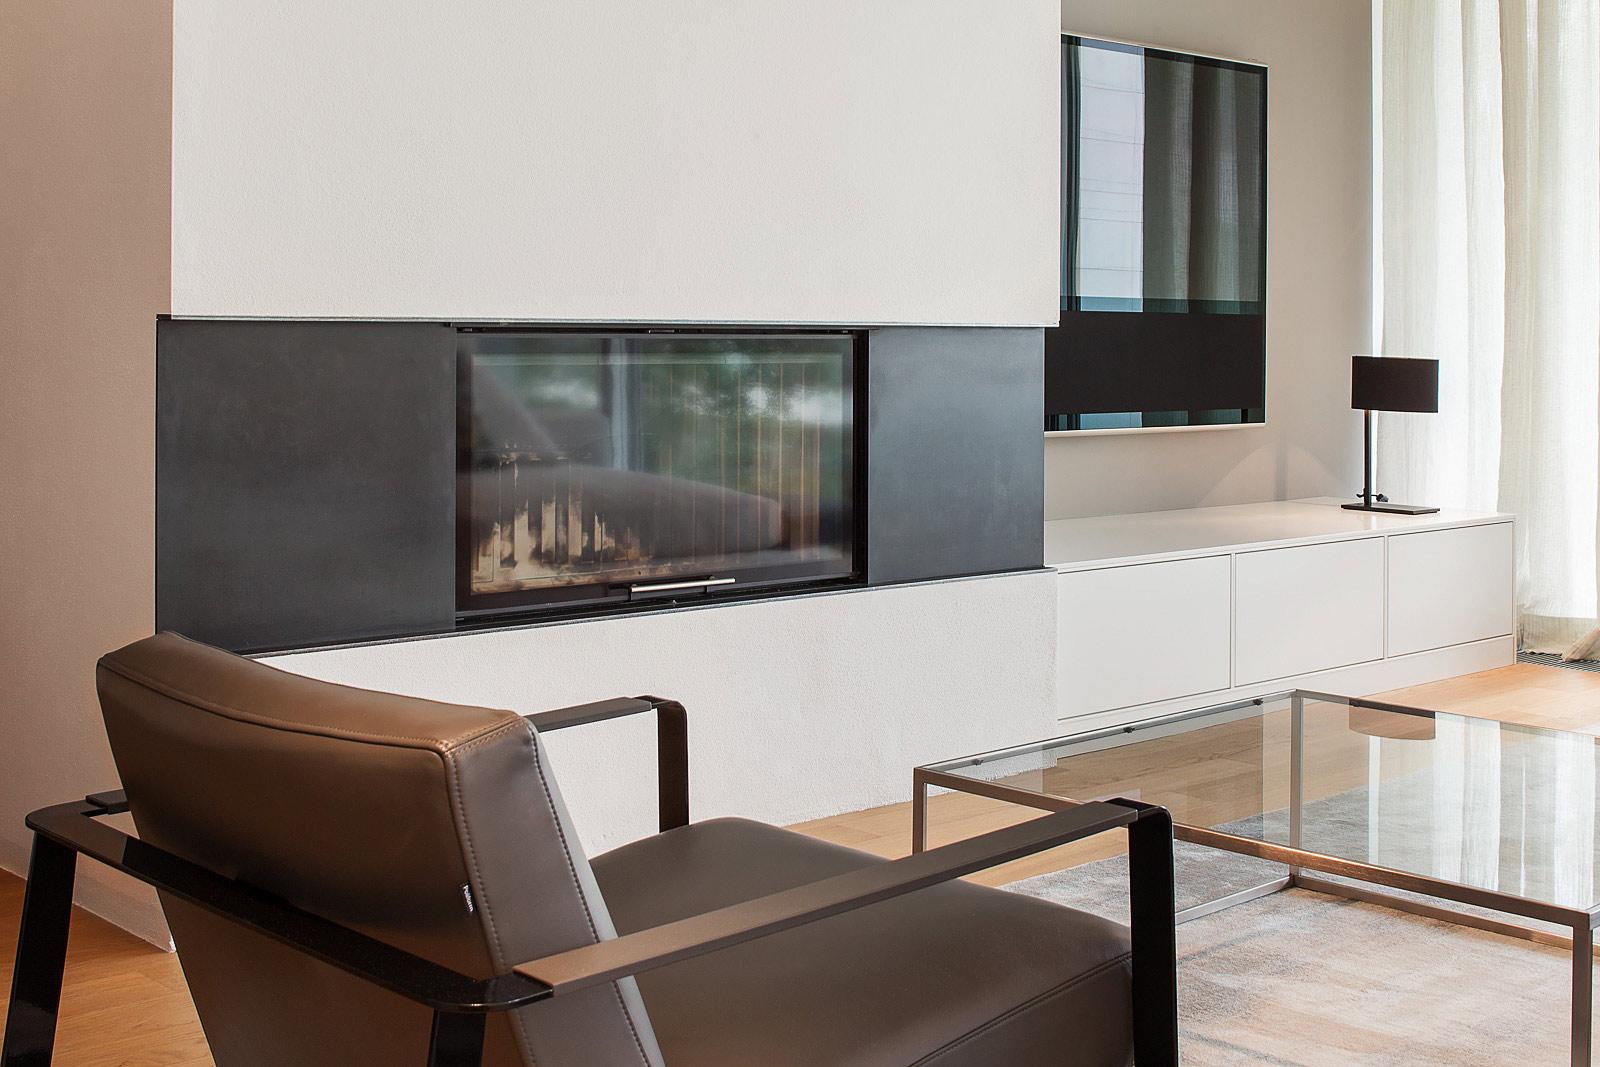 Fotografie in Räumen, Fotograf für Innenarchitektur, Kamin mit Sessel